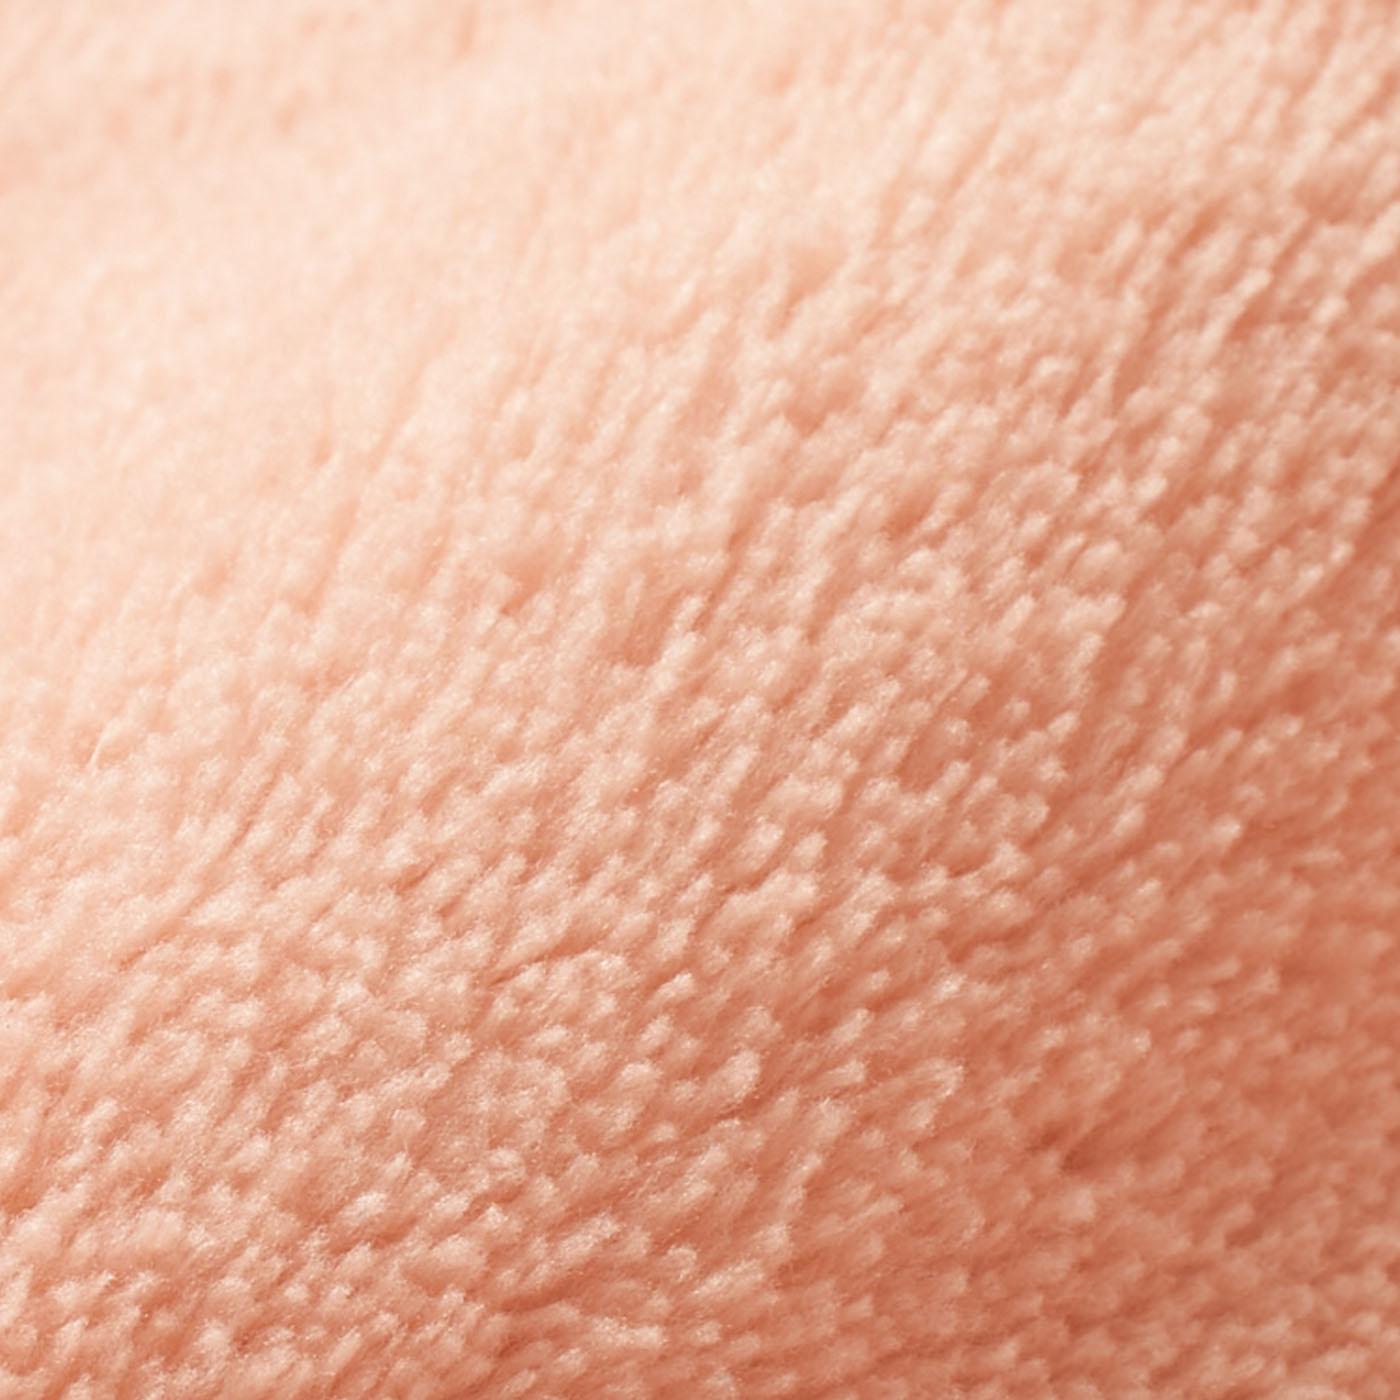 表側:マイクロファイバー しっとり滑らかな超極細繊維。とろけるような肌ざわりで、寝心地のよさを高めます。